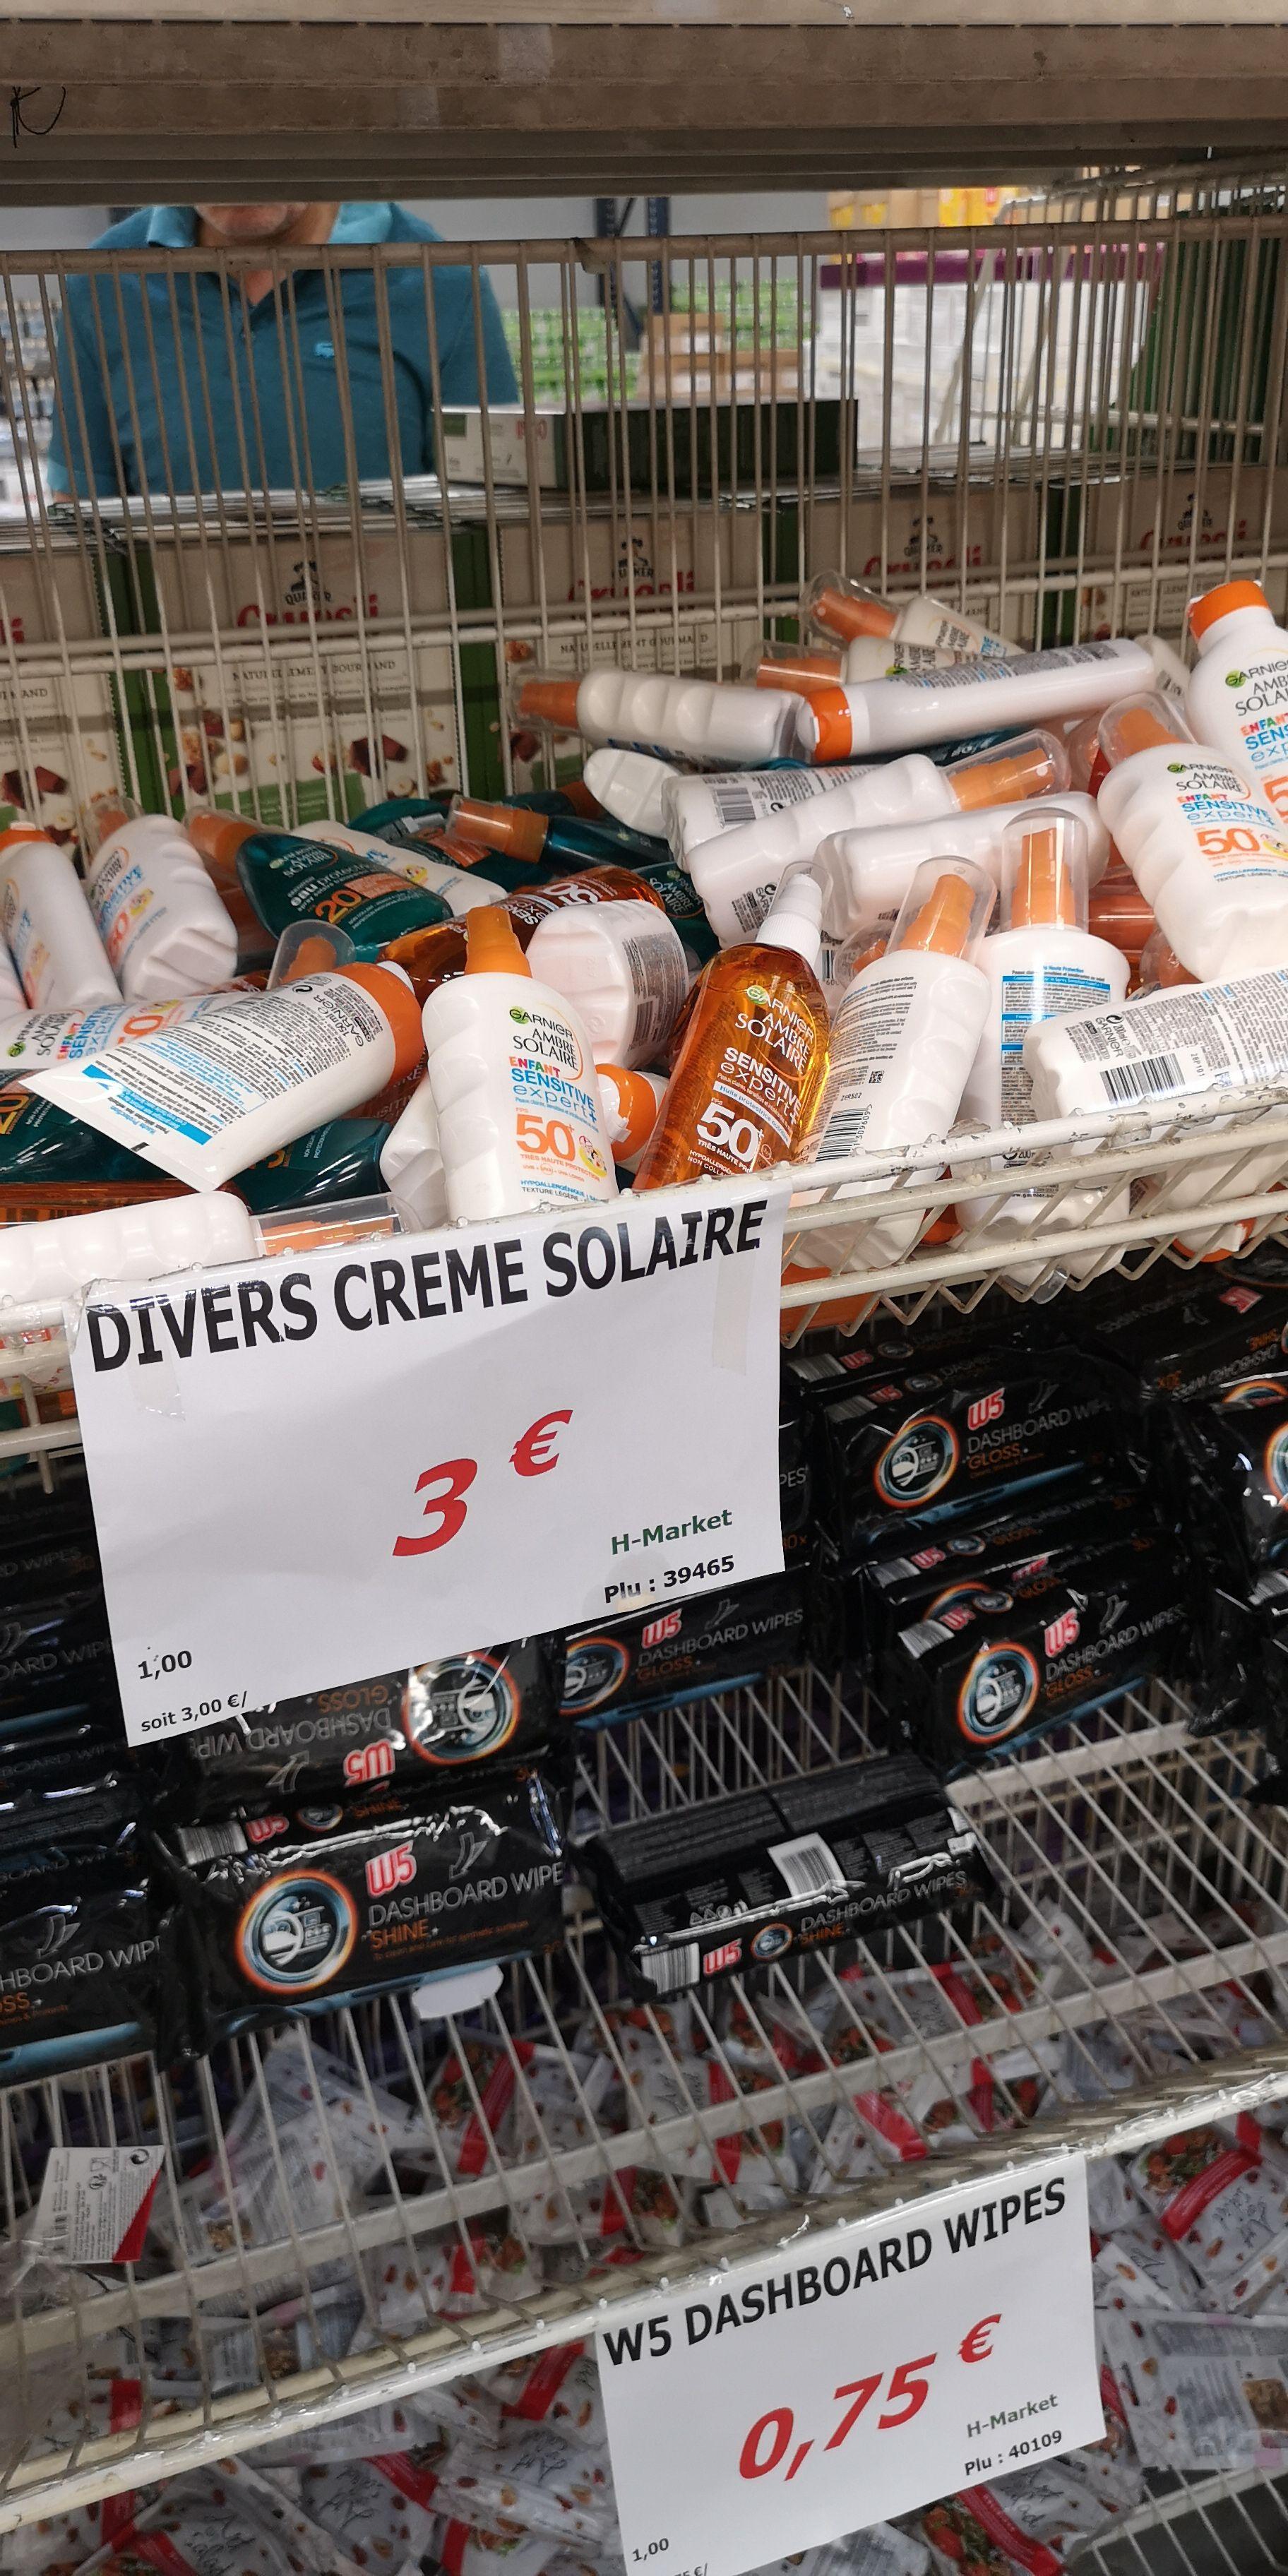 Sélection de Crèmes Solaires Garnier à 3€ l'unité - H.Market Aulnay-sous-Bois (93)